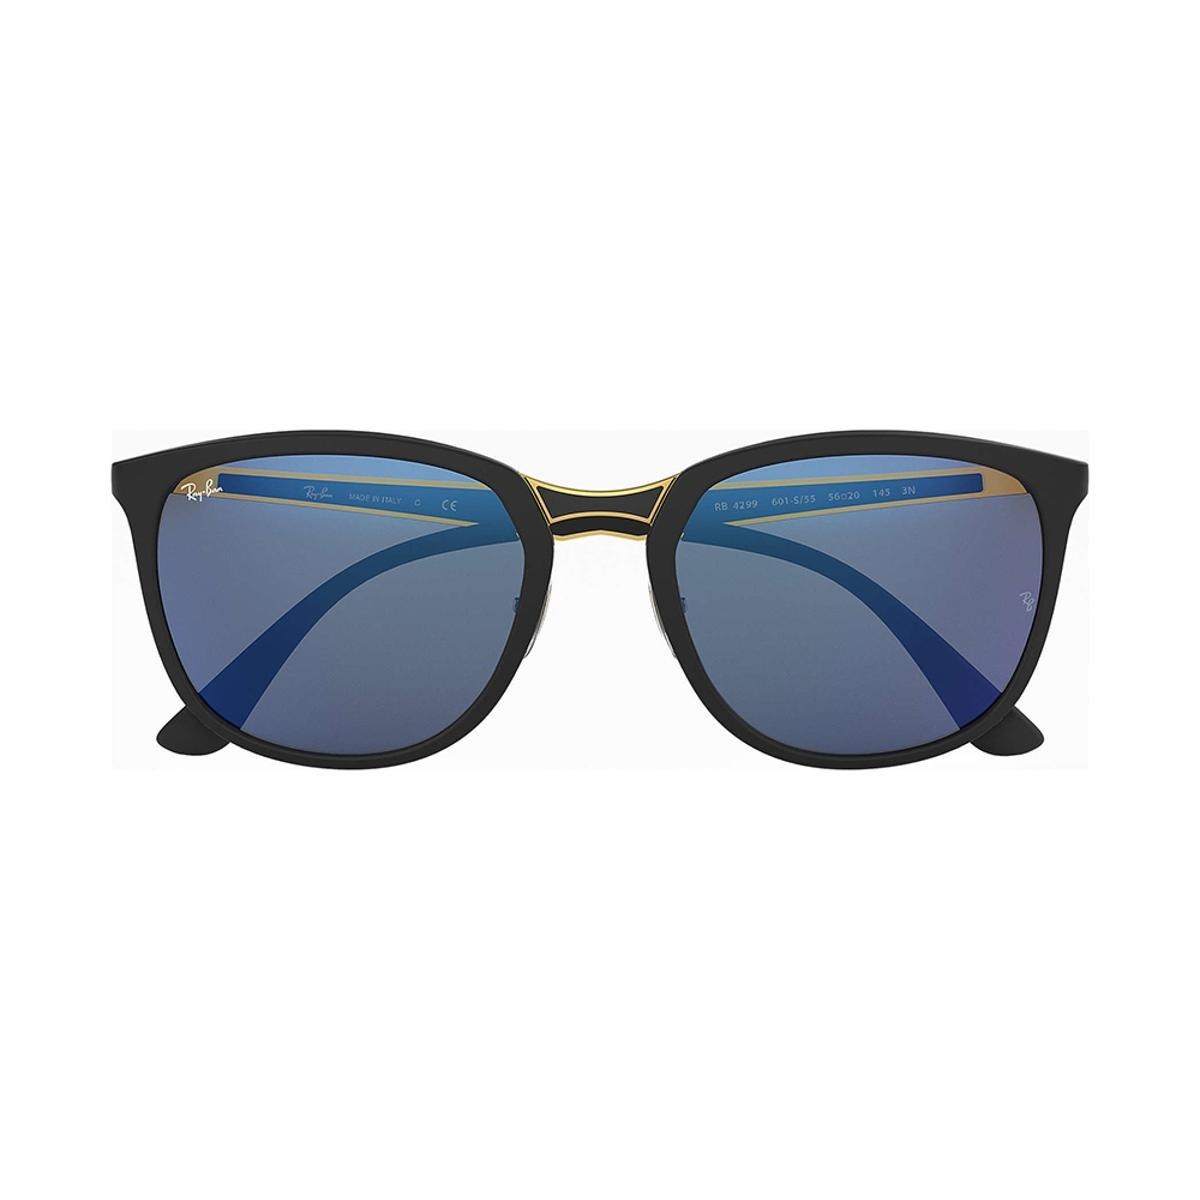 Óculos de Sol Ray-Ban RB4299 Masculino - Preto - Compre Agora   Netshoes f3f8d3997f